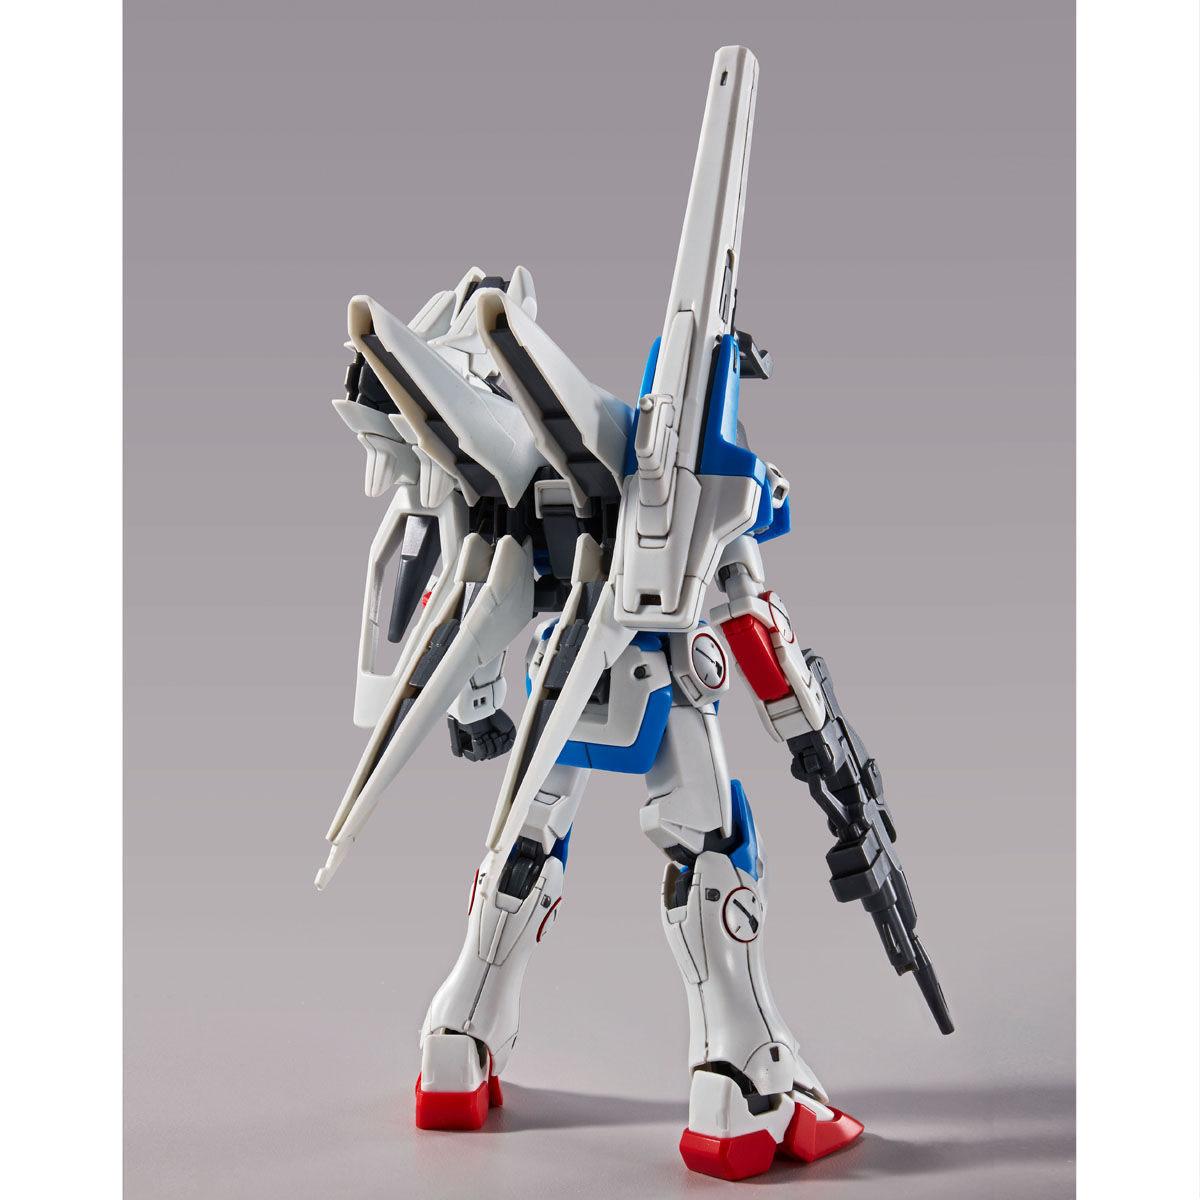 【限定販売】HG 1/144『セカンドV』プラモデル-003